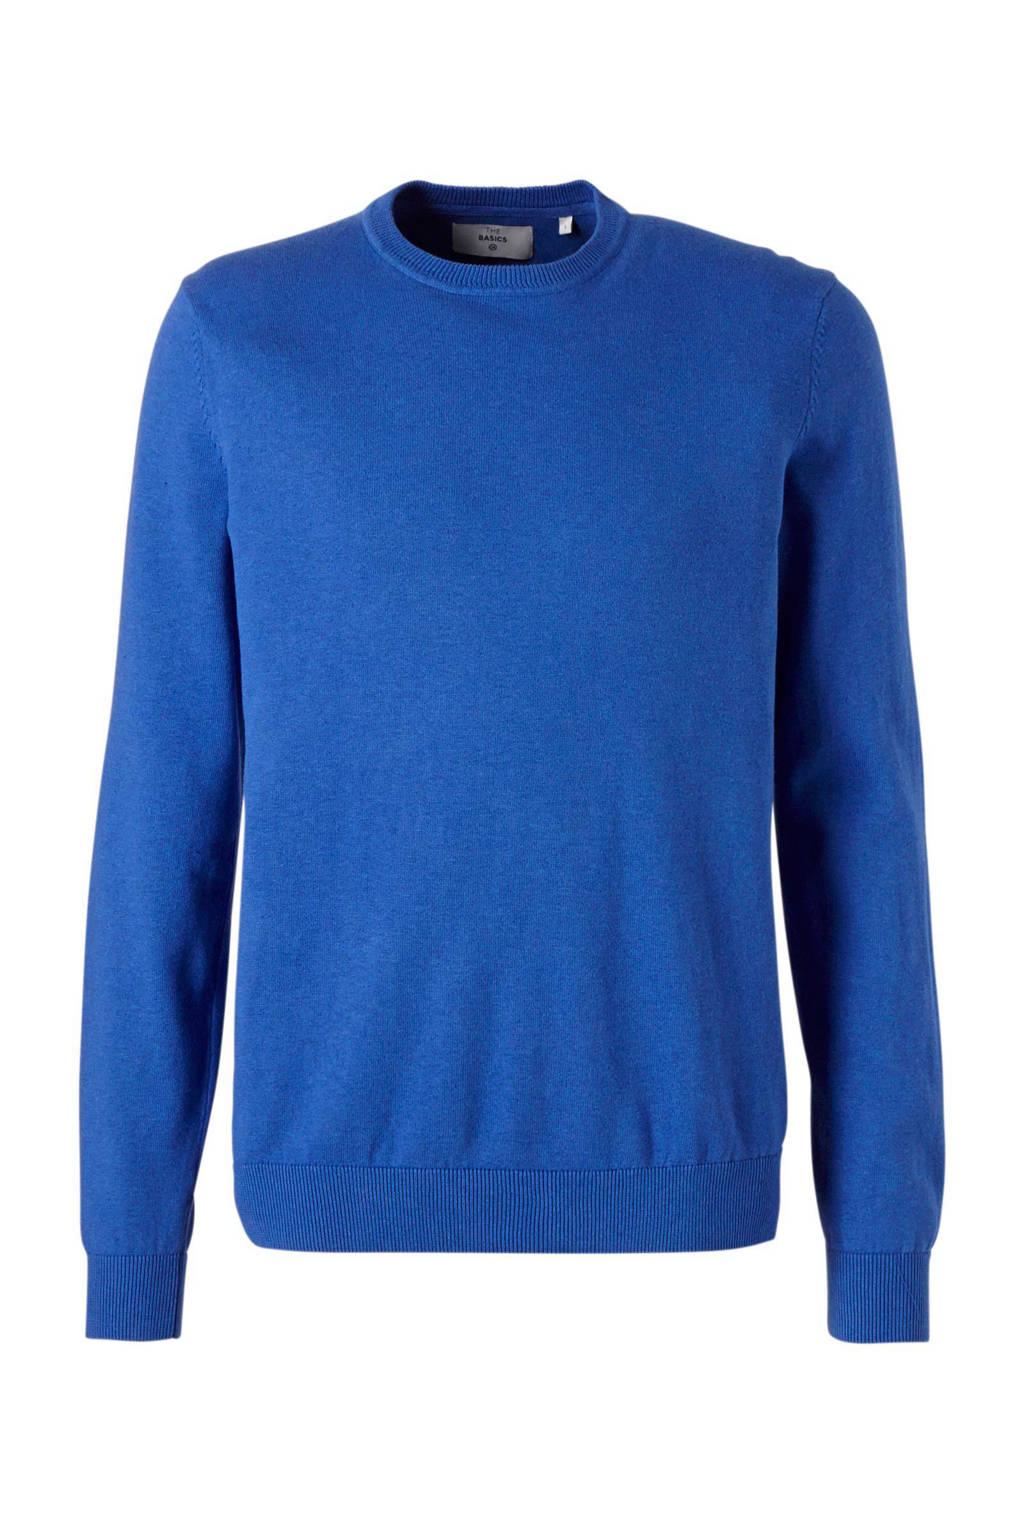 C&A trui, Kobaltblauw